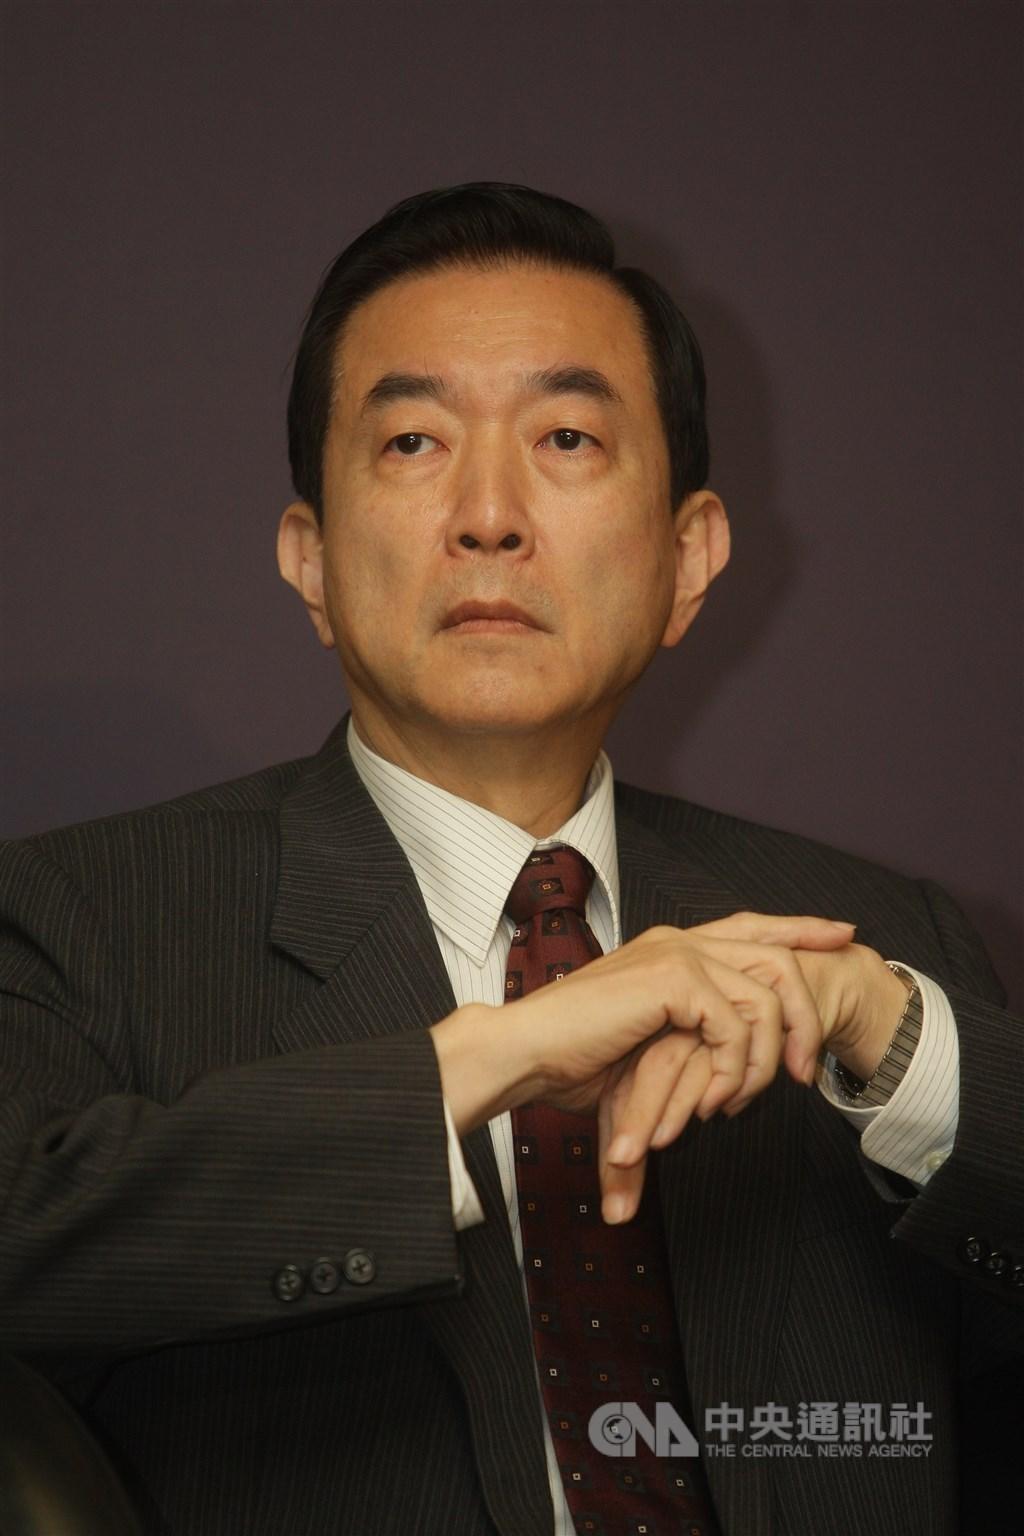 鼎瑩創投涉嫌以投資德國未上市股票並保證獲利為由,對外吸收資金,前僑務委員會委員長焦仁和(圖)也受害。(中央社檔案照片)